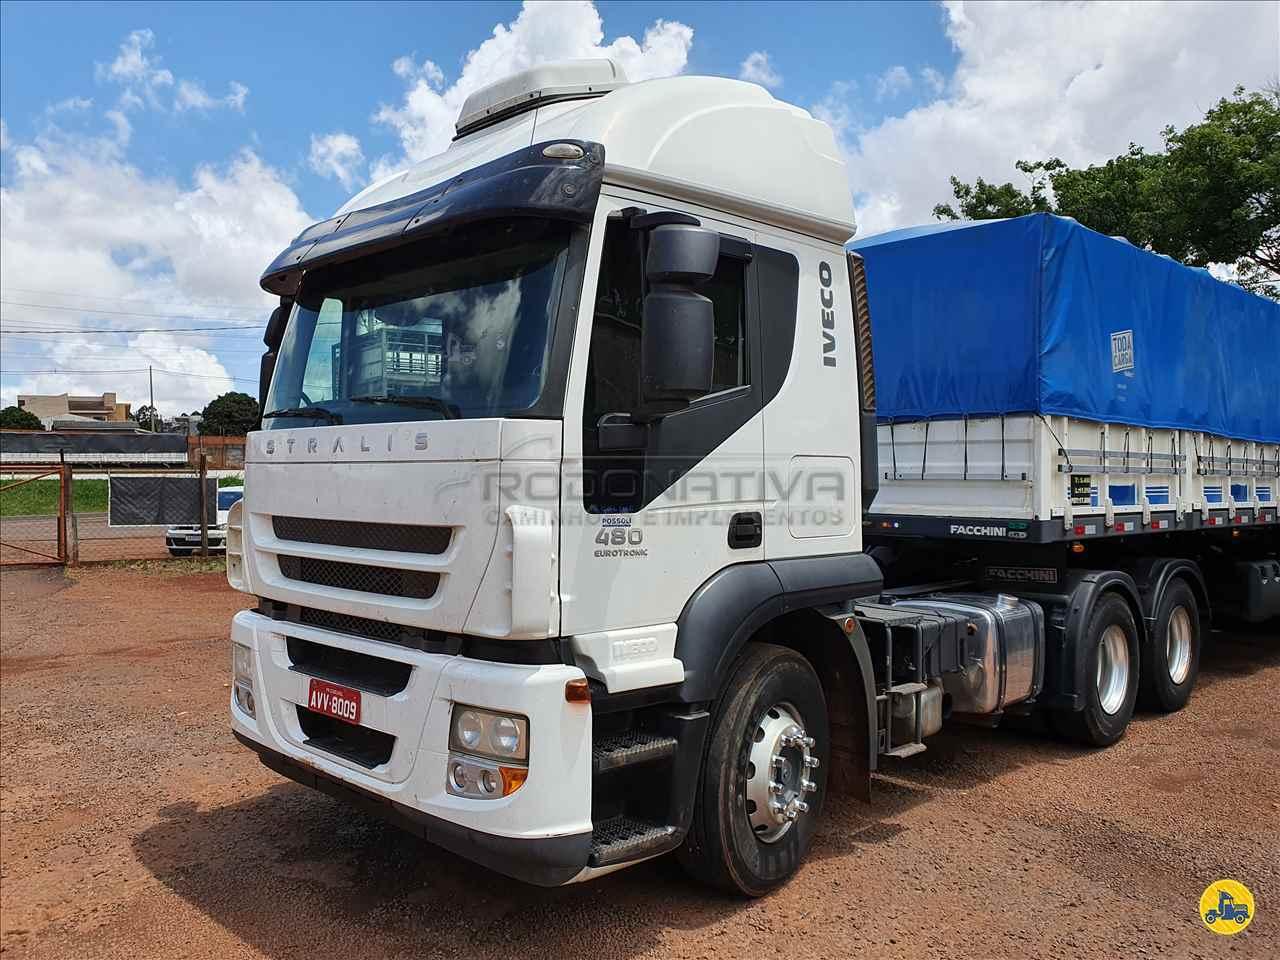 CAMINHAO IVECO STRALIS 480 Cavalo Mecânico Traçado 6x4 Rodonativa Caminhões e Implementos CASCAVEL PARANÁ PR